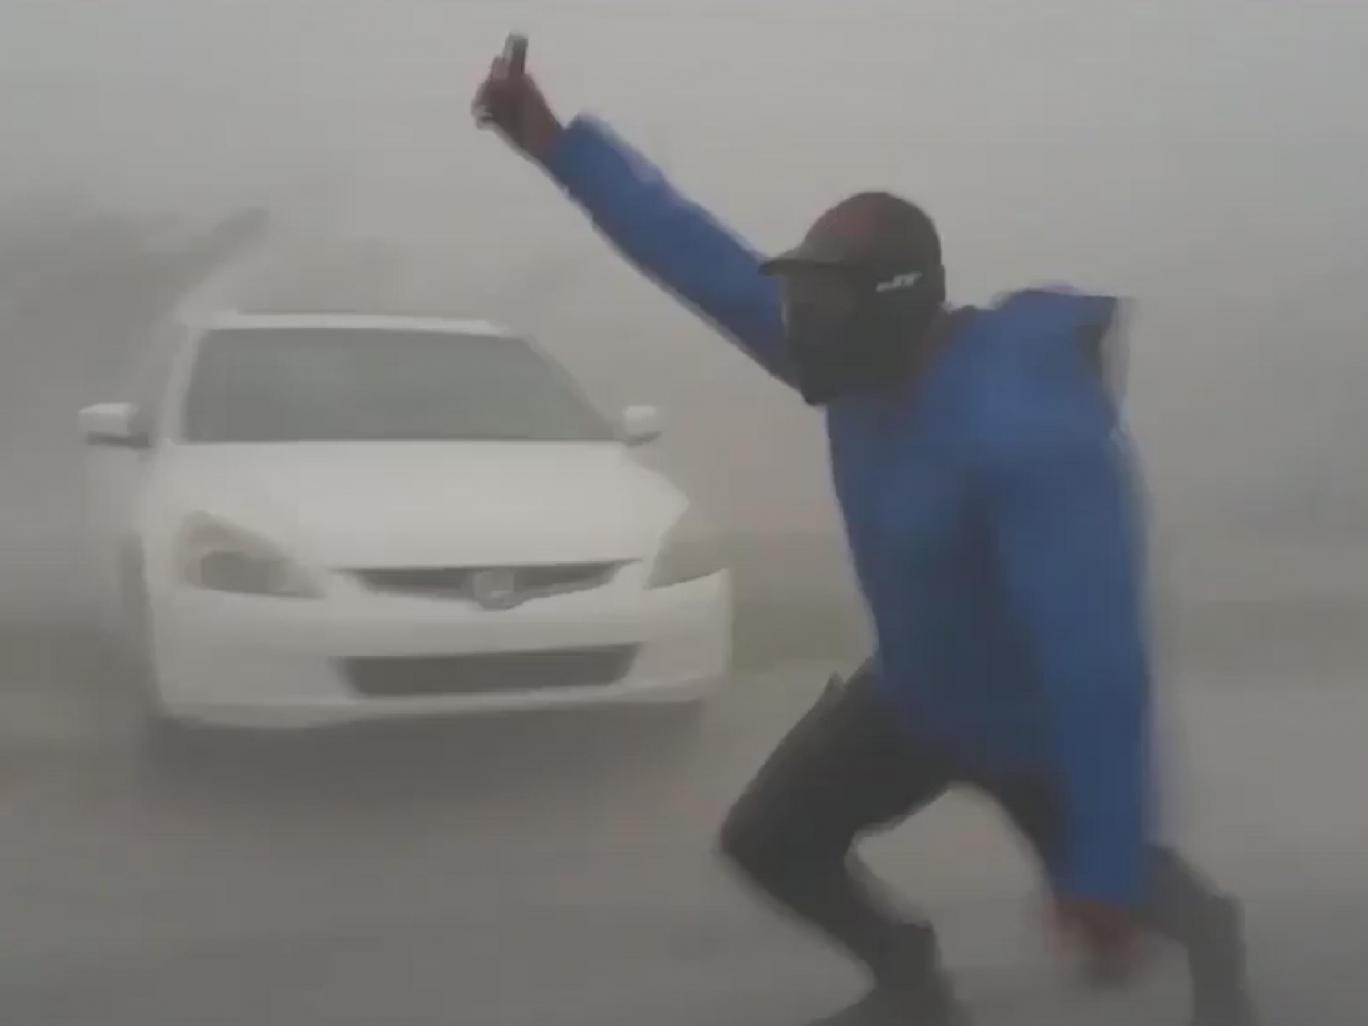 """Kinh ngạc với người đàn ông đi ngược chiều siêu bão """"quái vật"""" ở Mỹ - 1"""